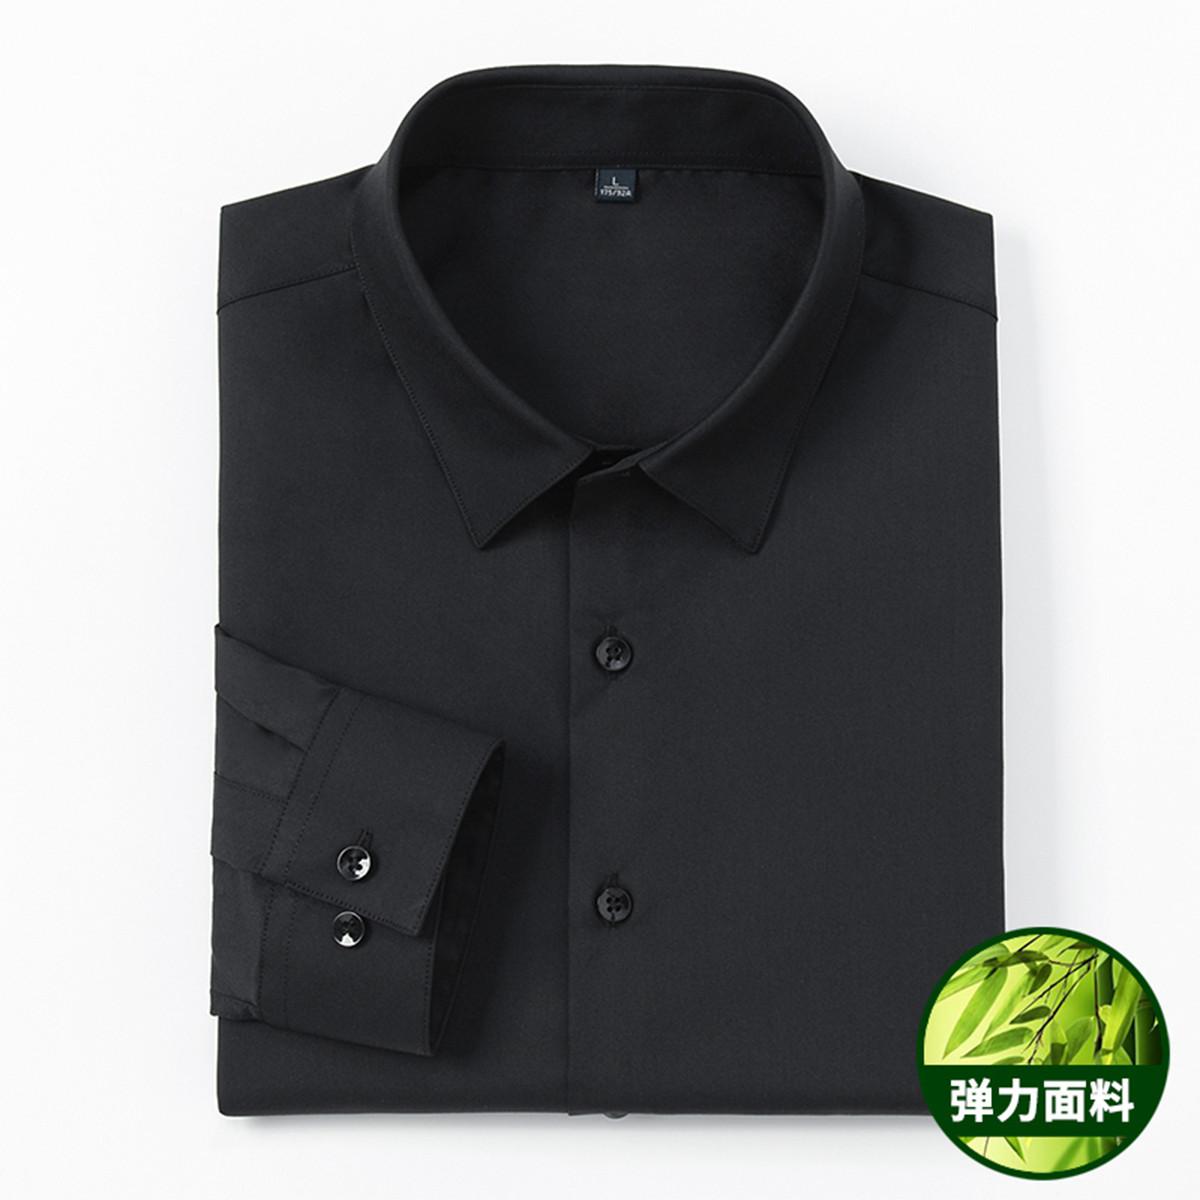 弹力爆款男式长袖衬衫舒适三分弹衬衫男